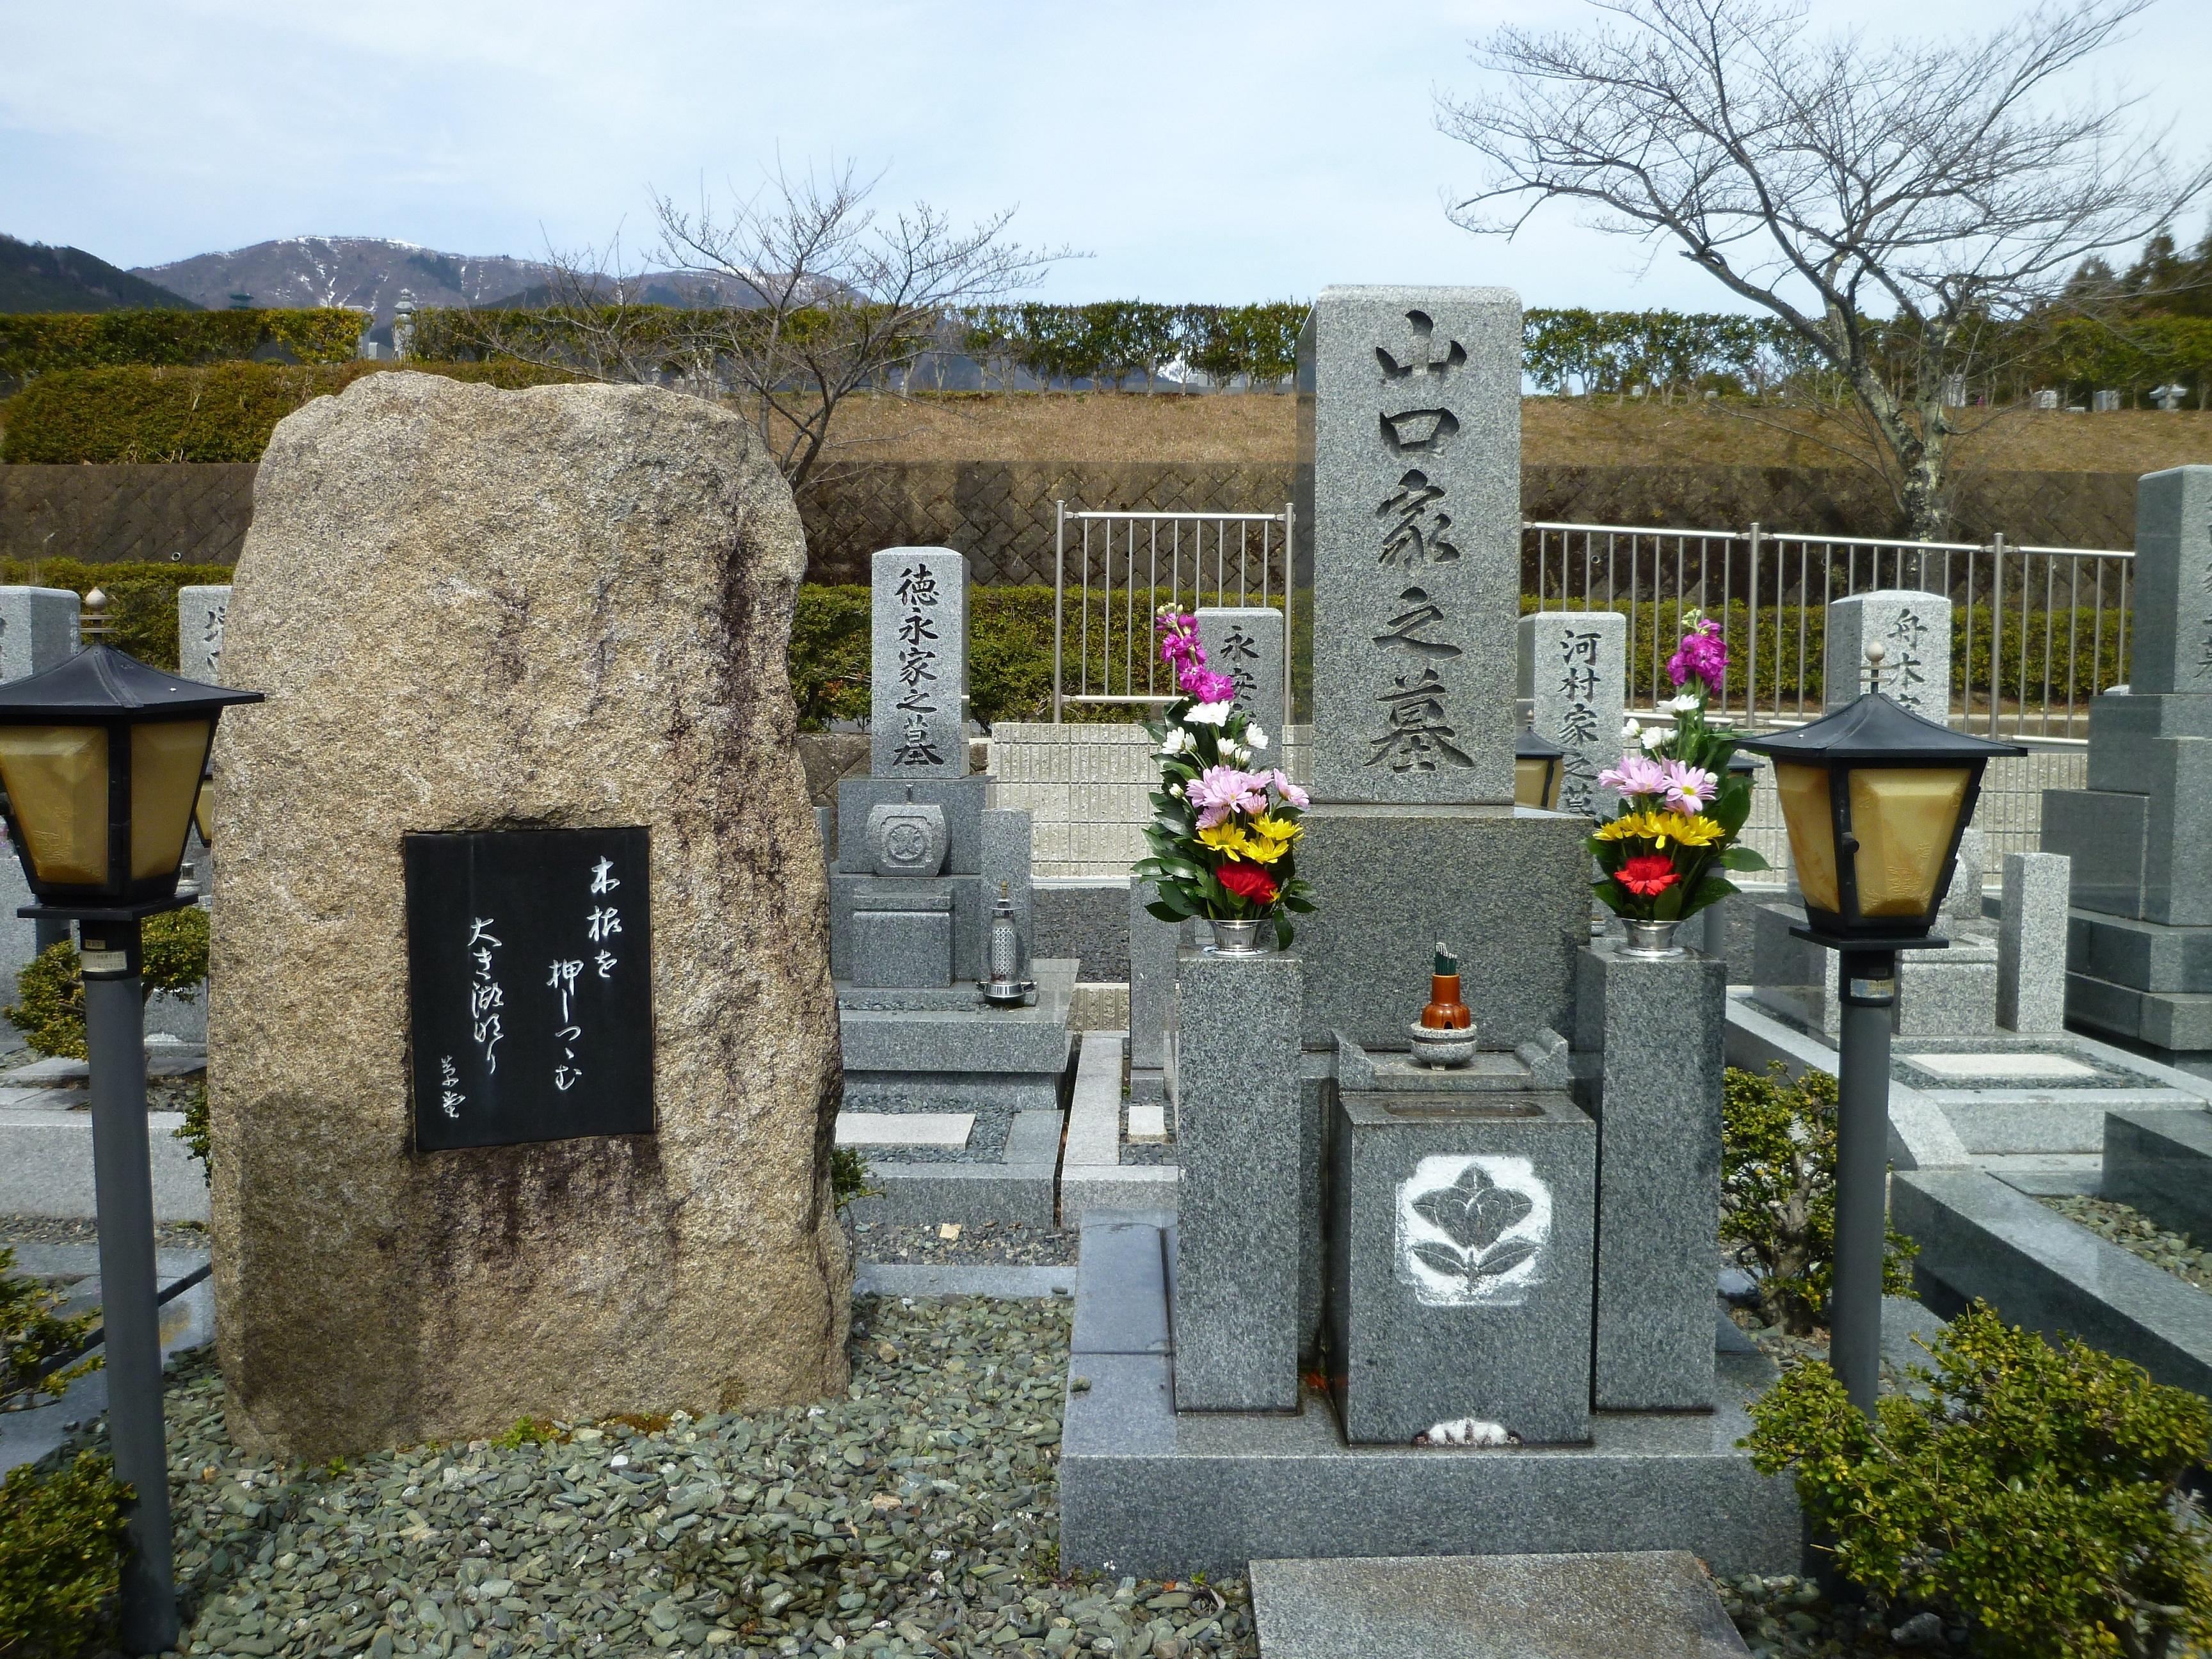 草堂先生墓所